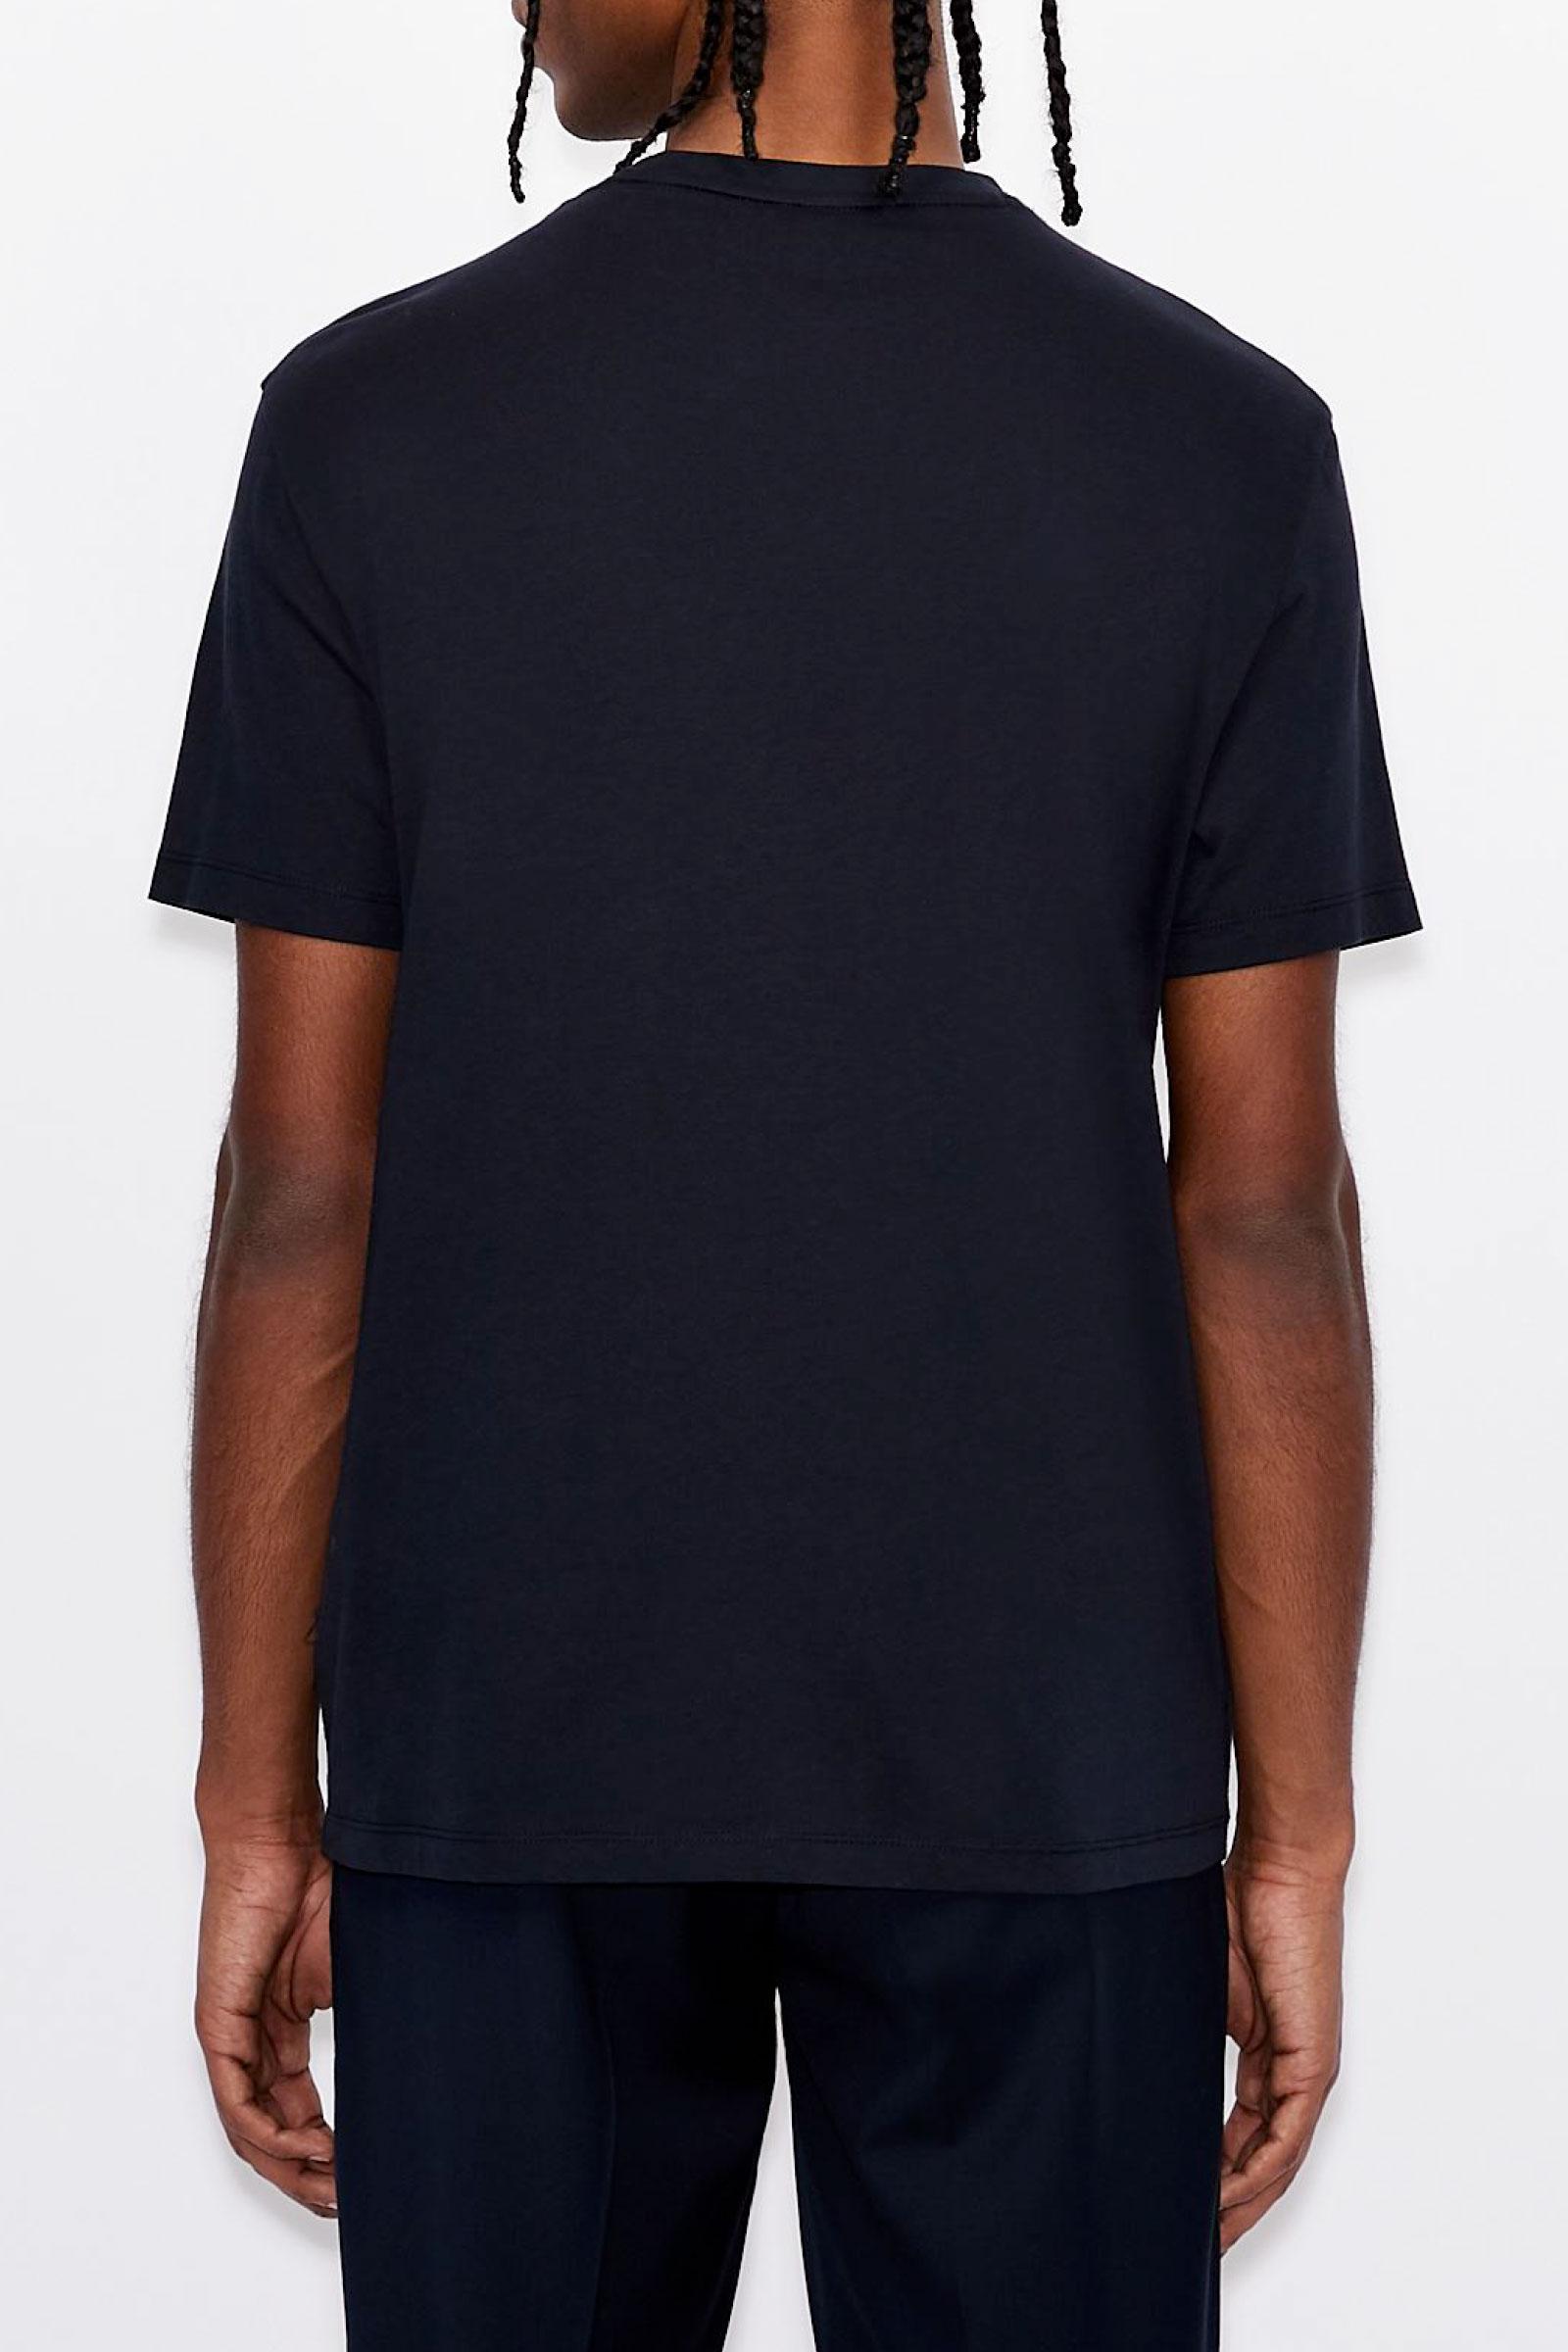 ARMANI EXCHANGE T-Shirt Uomo ARMANI EXCHANGE | T-Shirt | 3KZTFX ZJH4Z1510